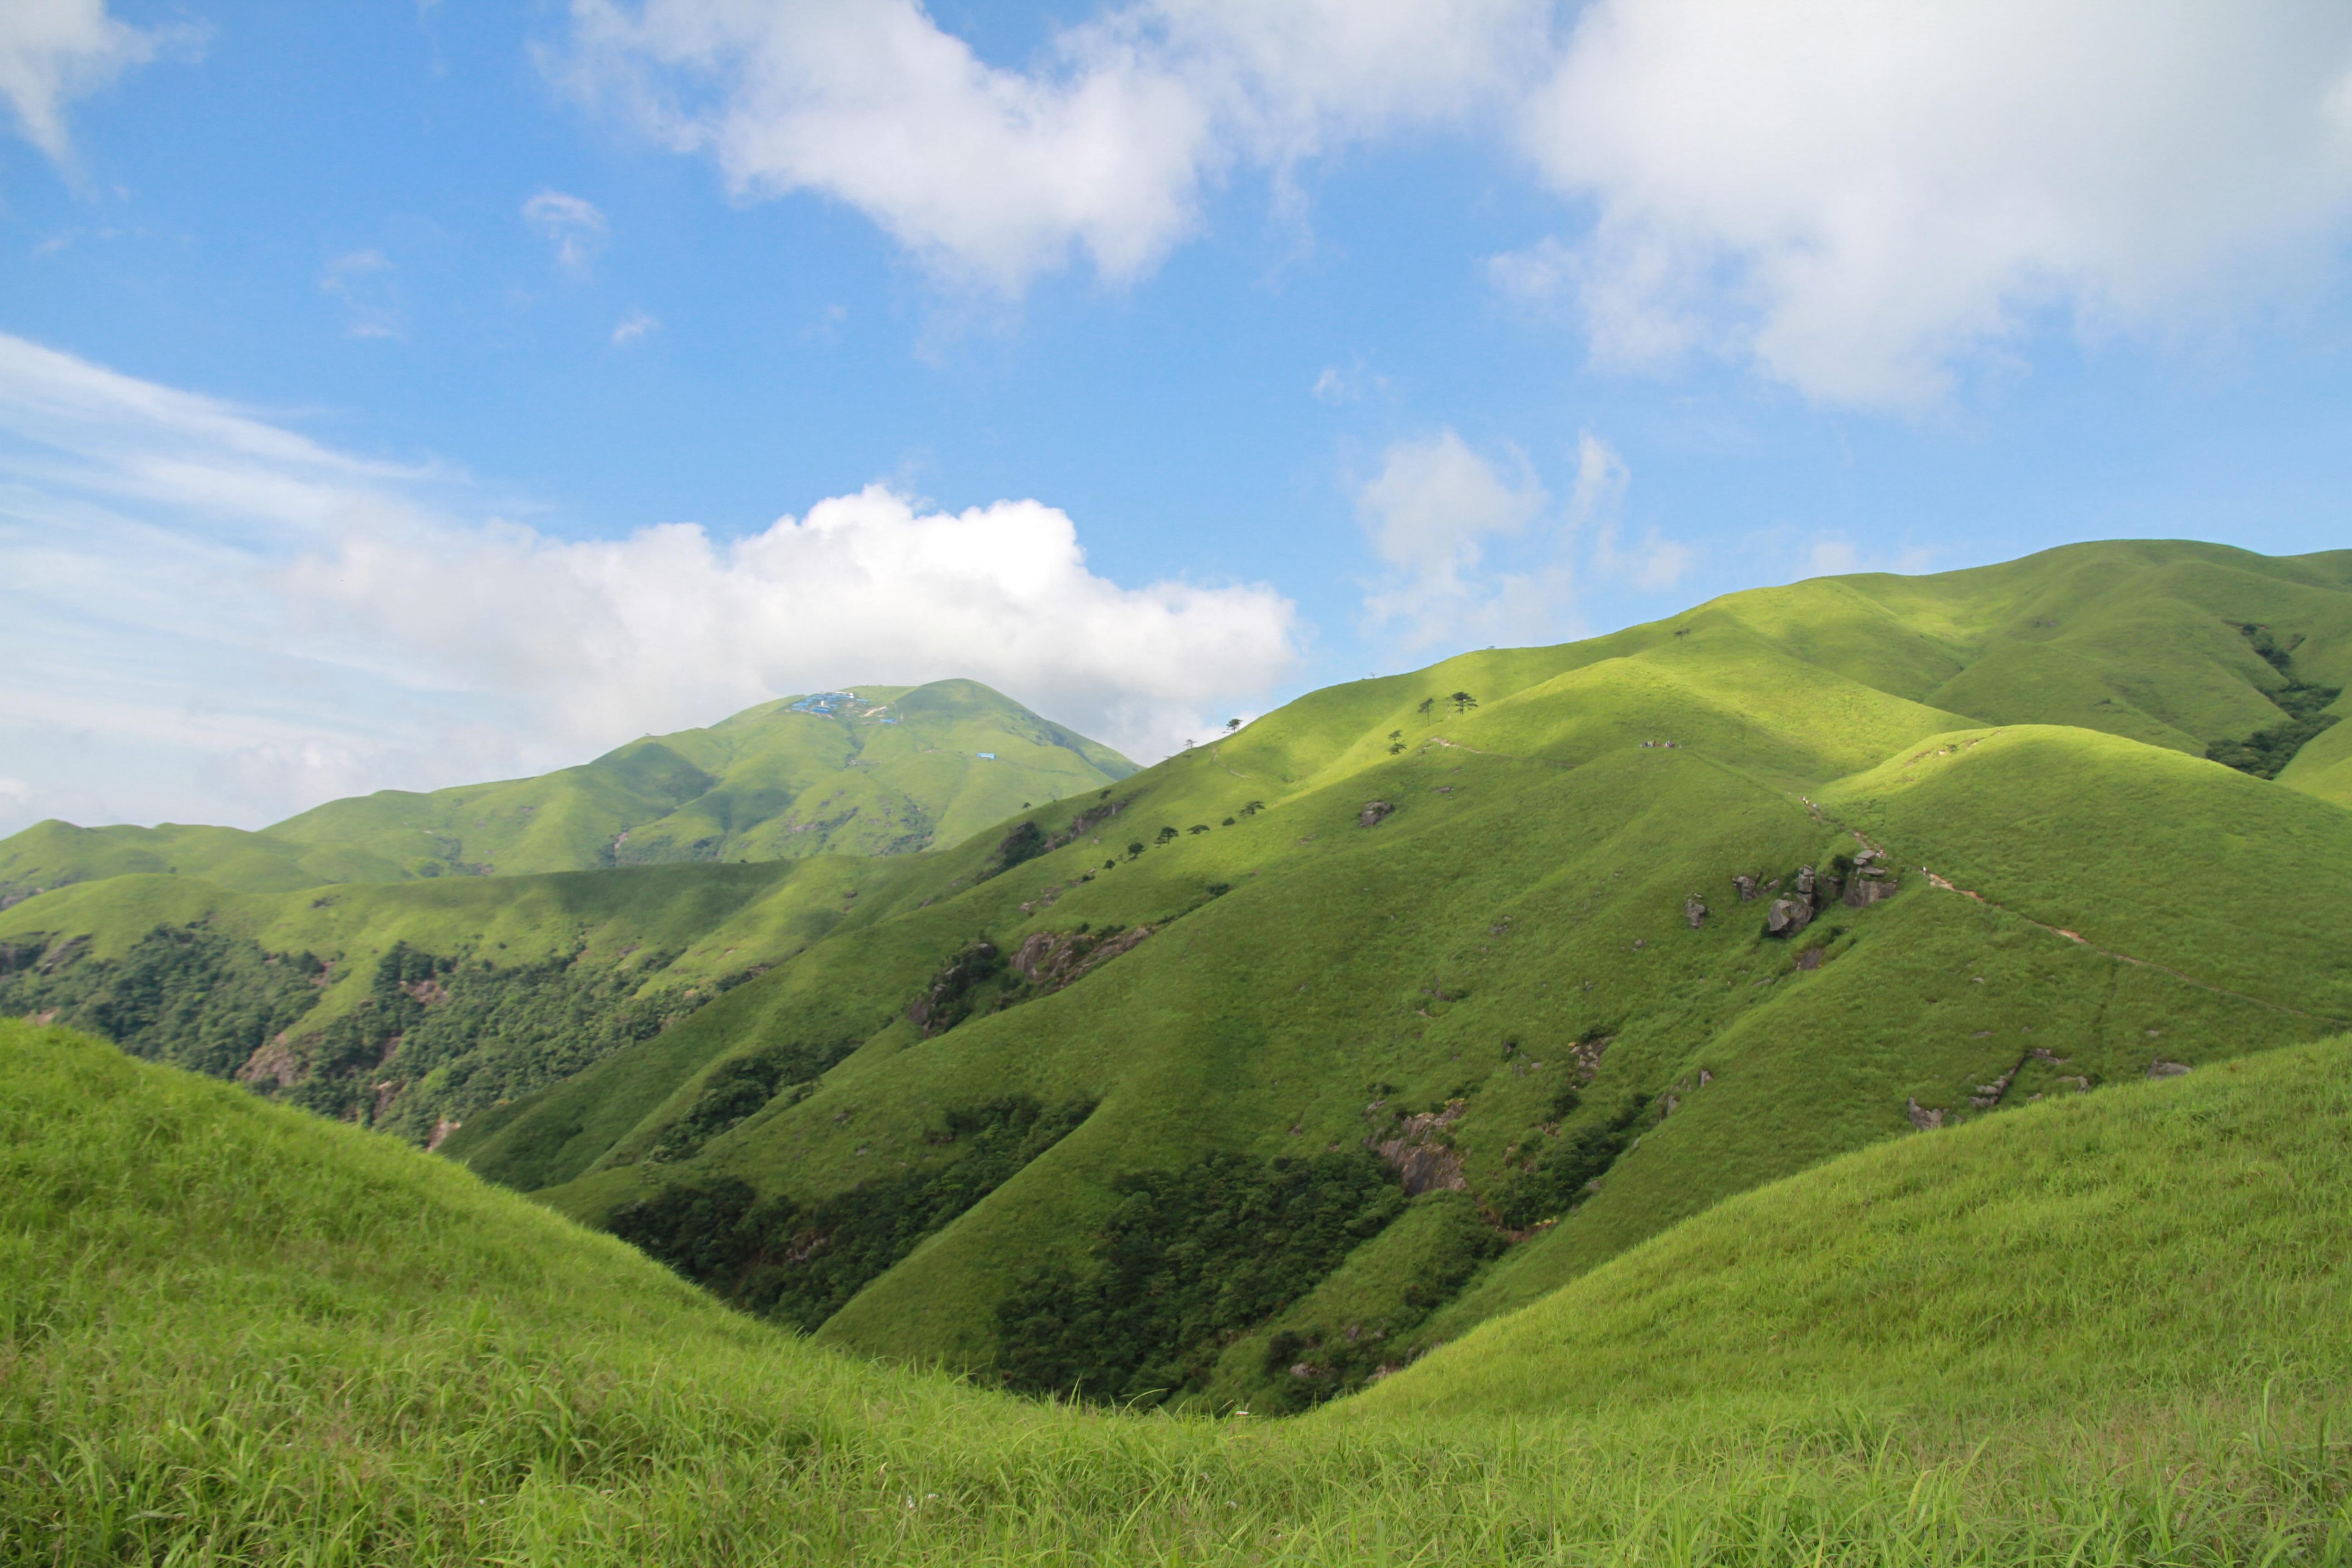 десятки сотни холмы и горы картинки деятельностью